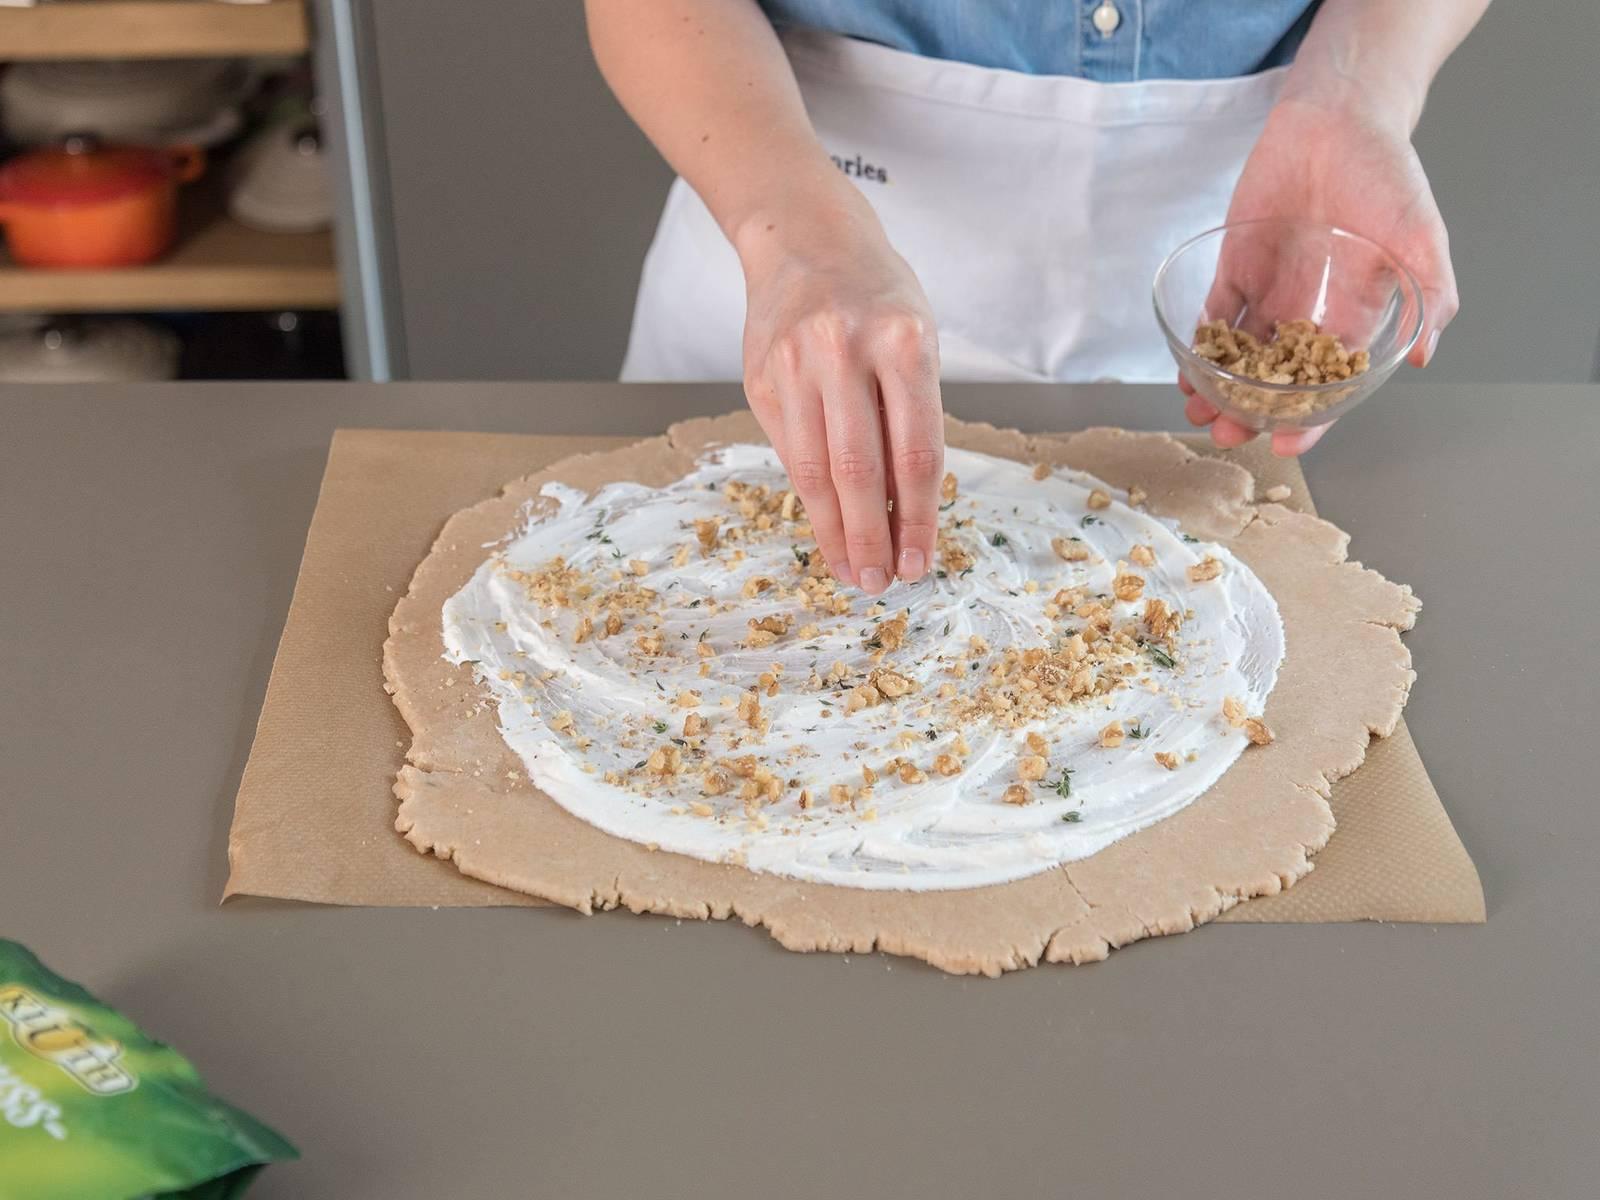 Teig aus dem Kühlschrank nehmen und auf Backpapier geben. Mit einem Nudelholz etwa 34 cm breit ausrollen. Ziegenkäse darauf verteilen, dabei einen etwa 4 cm breiten Rand auslassen und die Walnüsse darüber streuen.